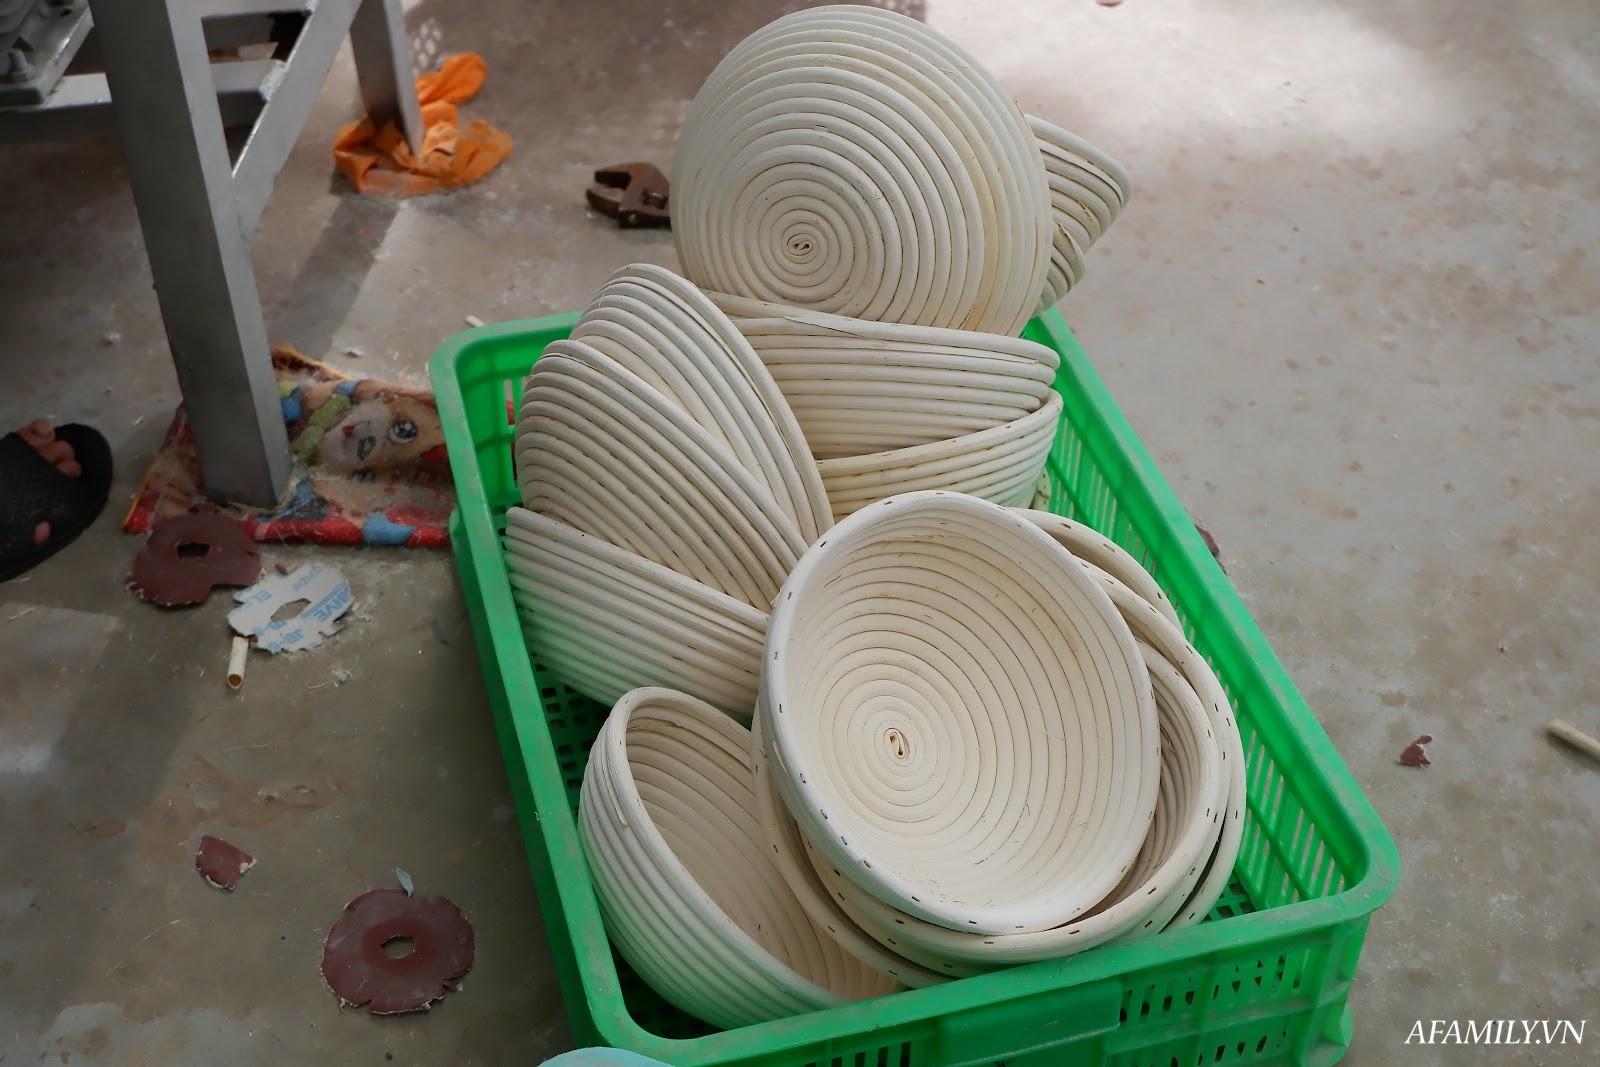 Bỏ công sức một chút ra ngoại thành, chị em tha hồ lựa các sản phẩm mây tre đan truyền thống chất lượng, giá thành rẻ hơn thị trường tới 70% - Ảnh 11.